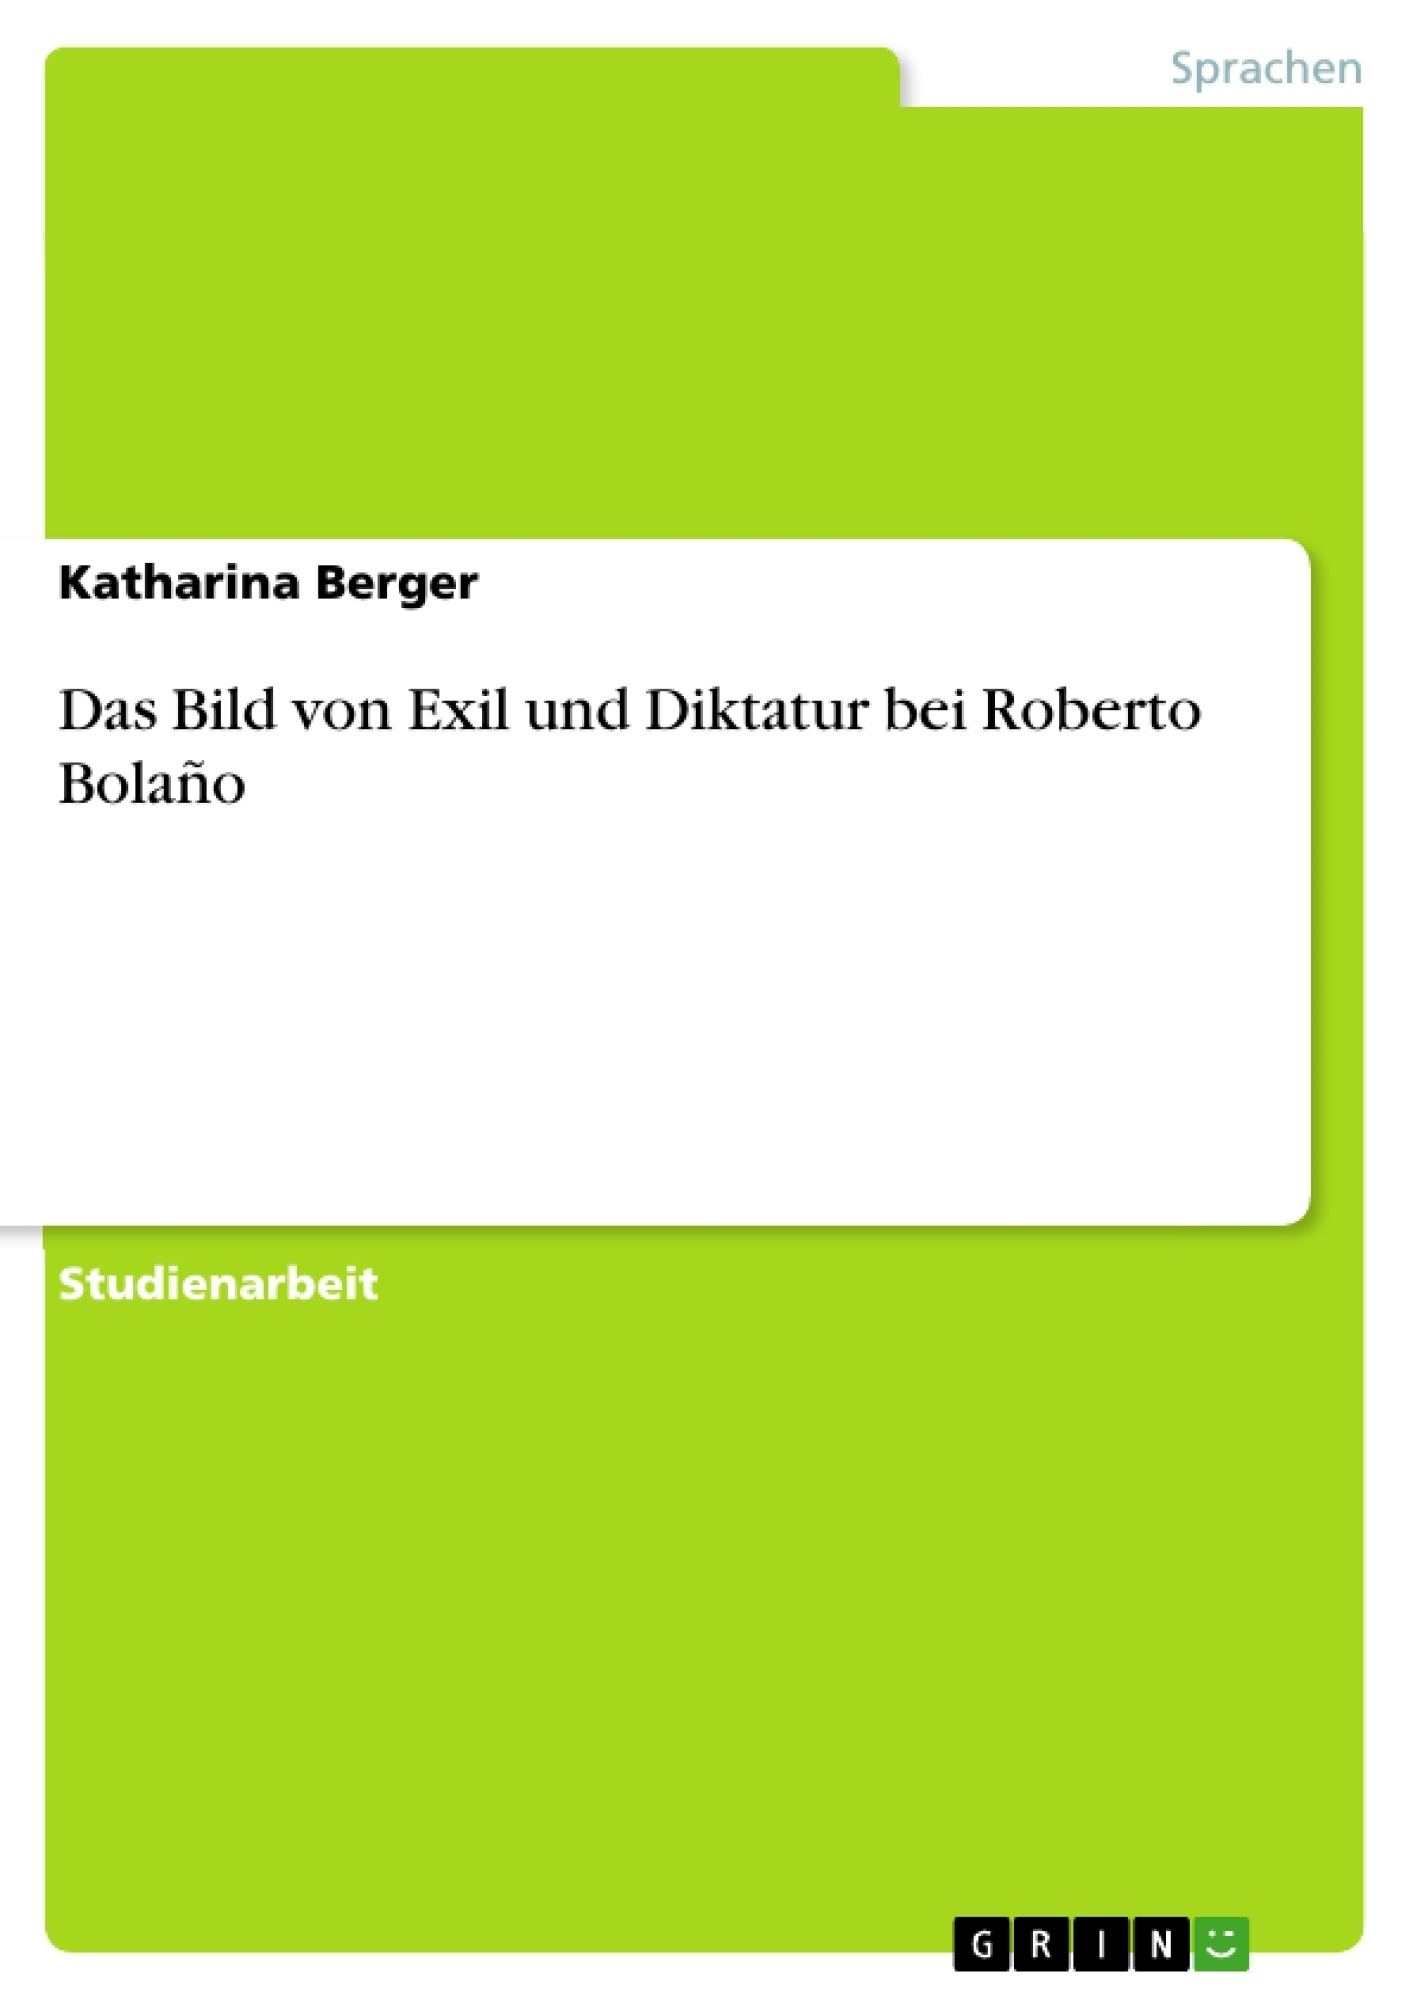 Titel: Das Bild von Exil und Diktatur bei Roberto Bolaño